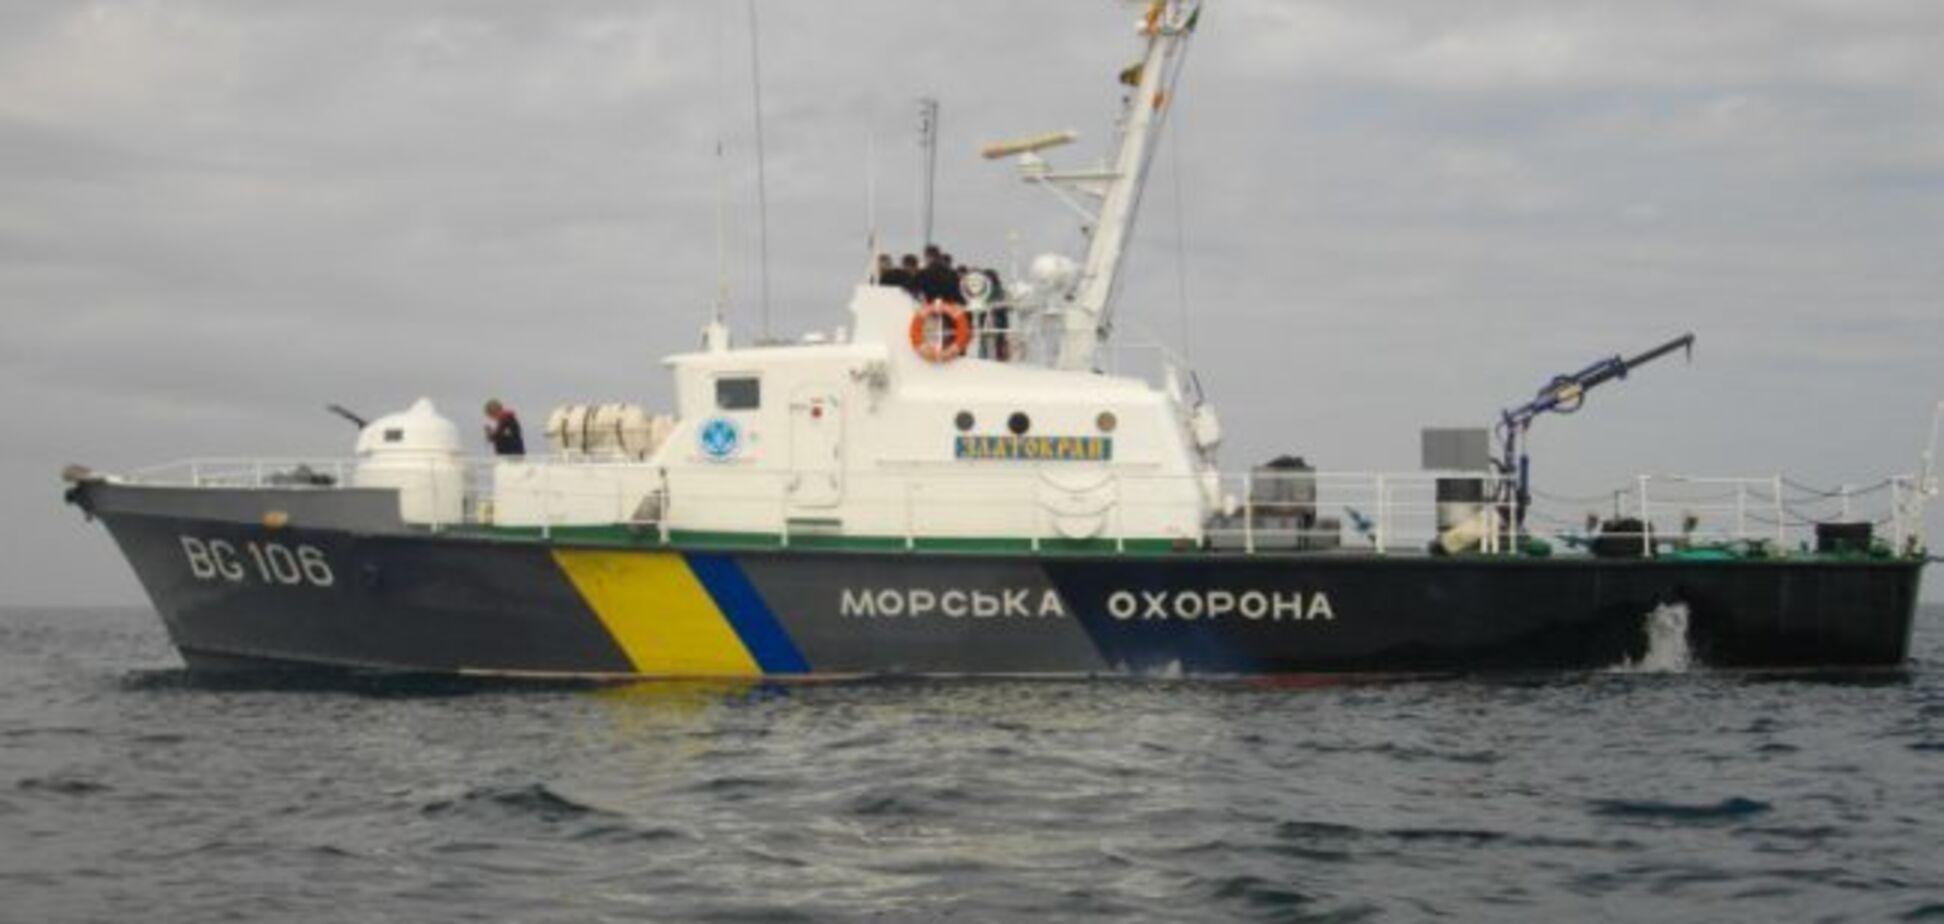 Украина перебросила войска на Азов: в России рассыпались в угрозах